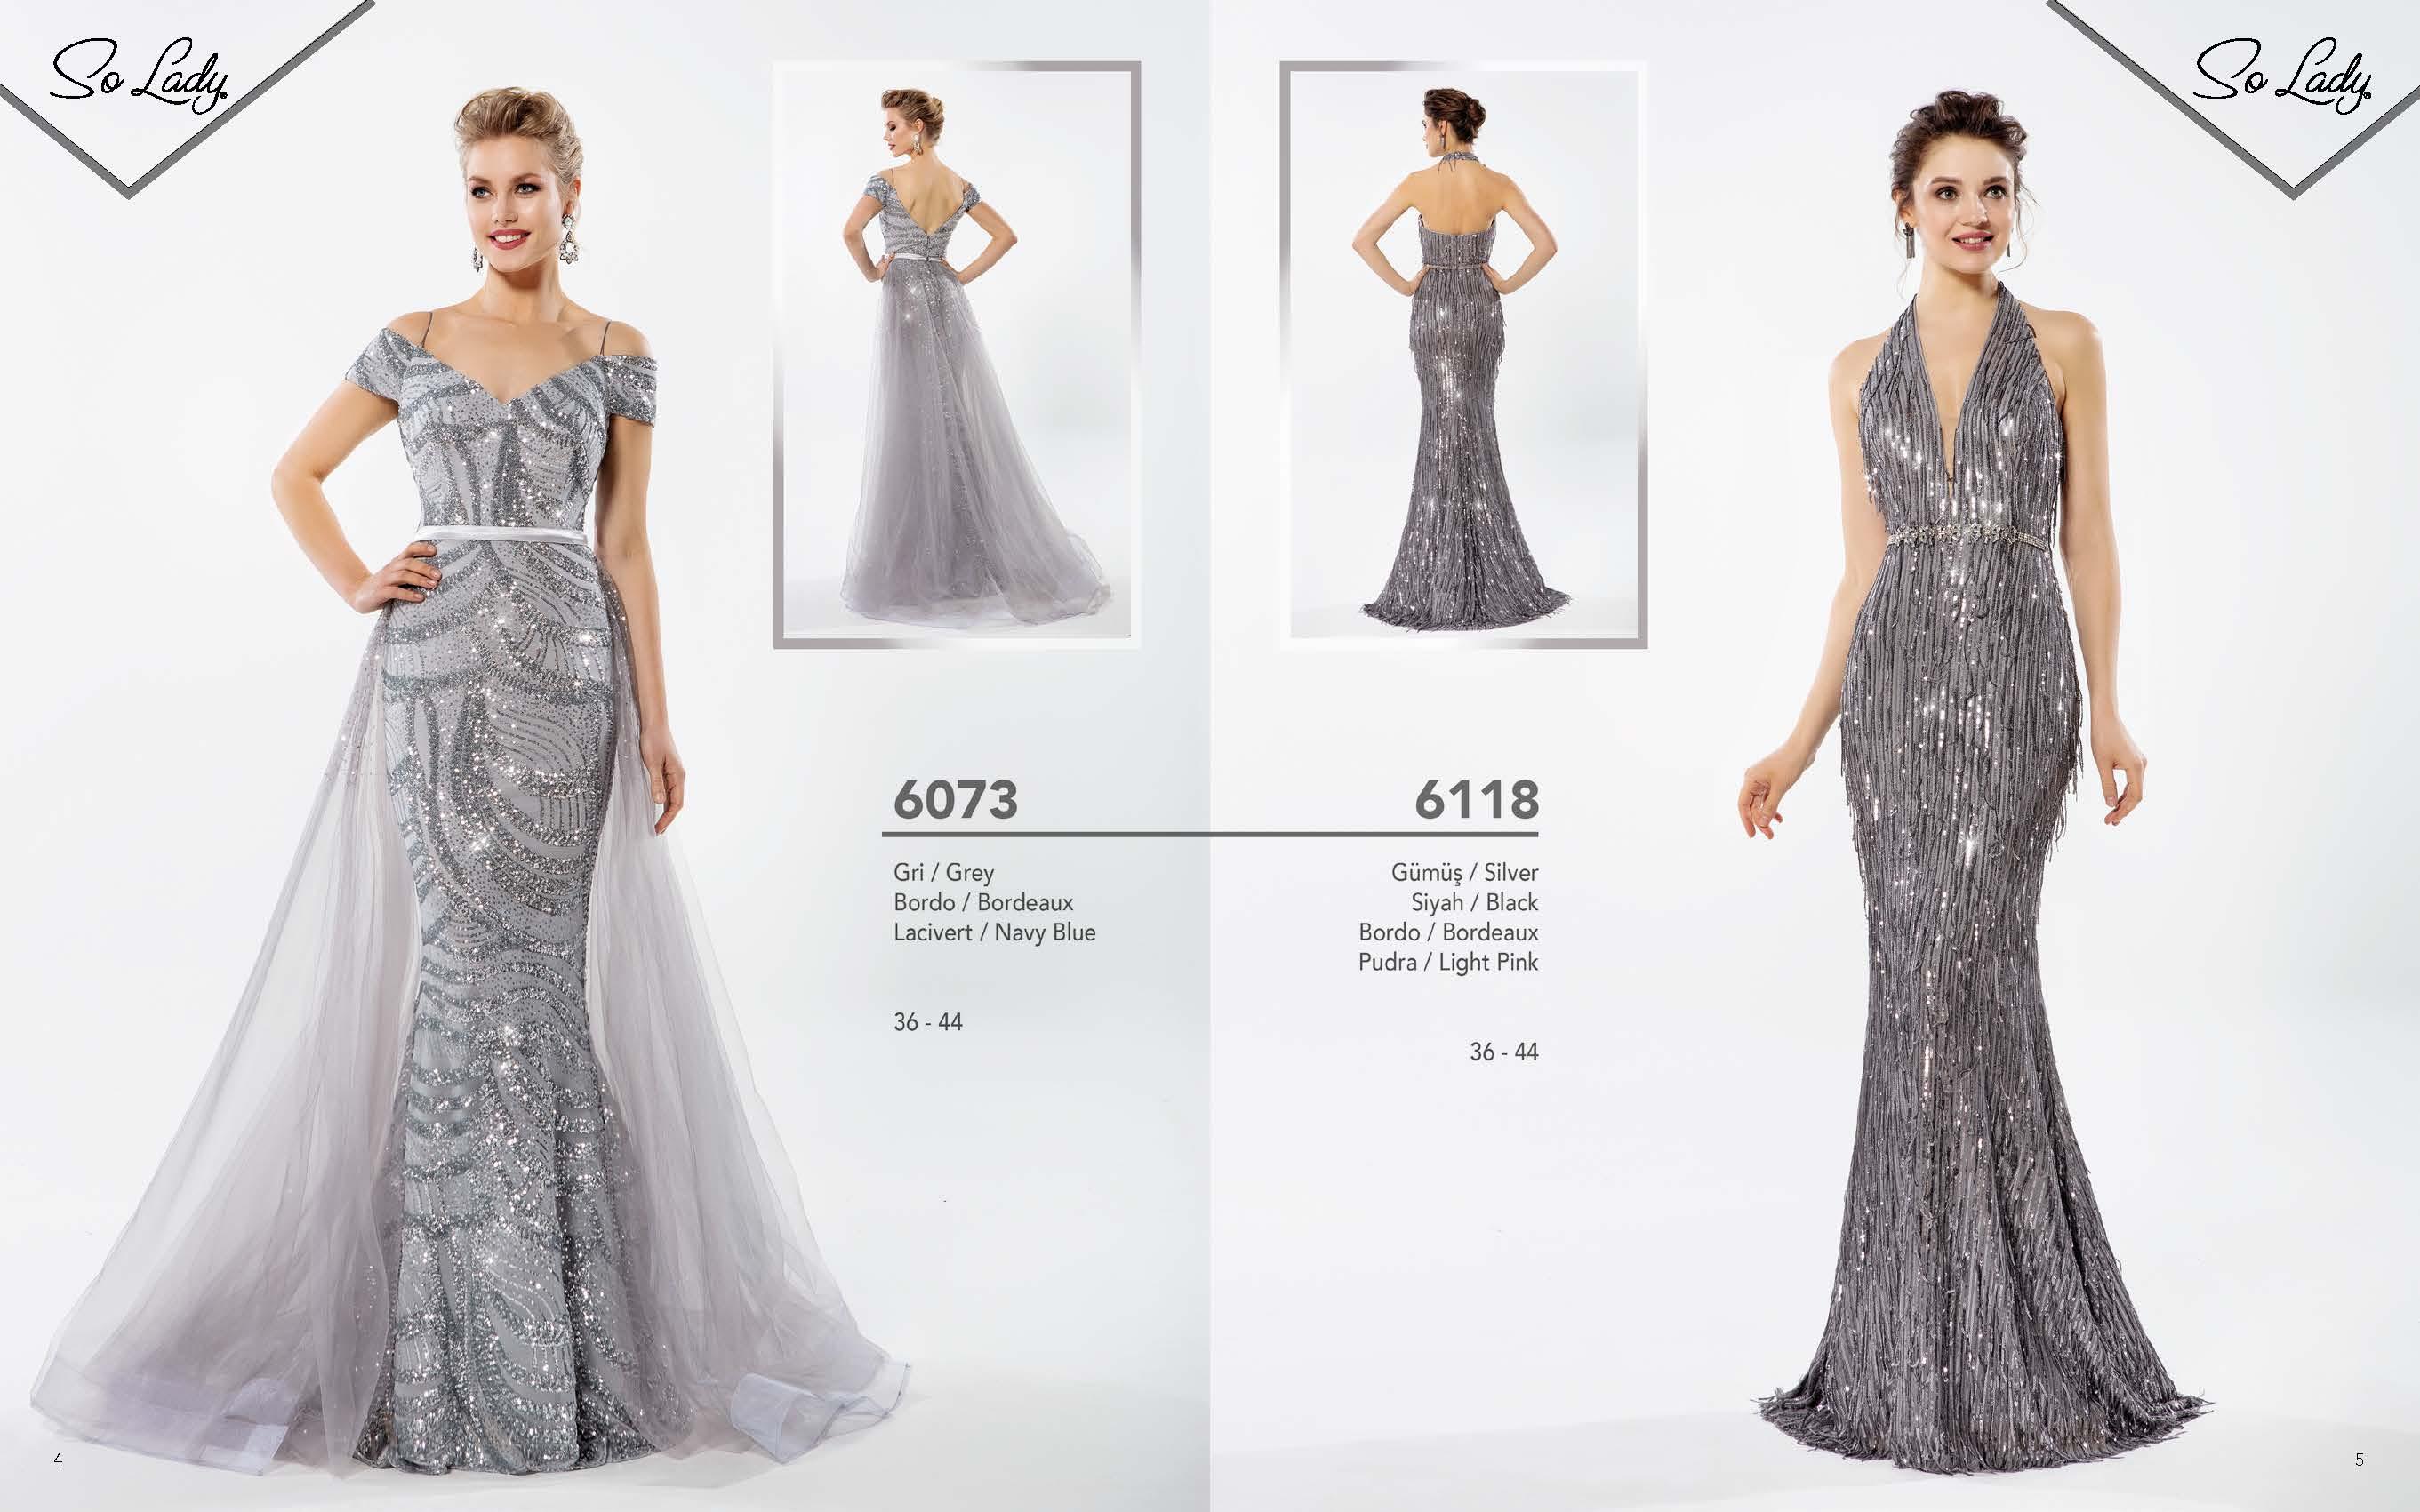 Abendkleider - Eleganz Braut- und Abendmode